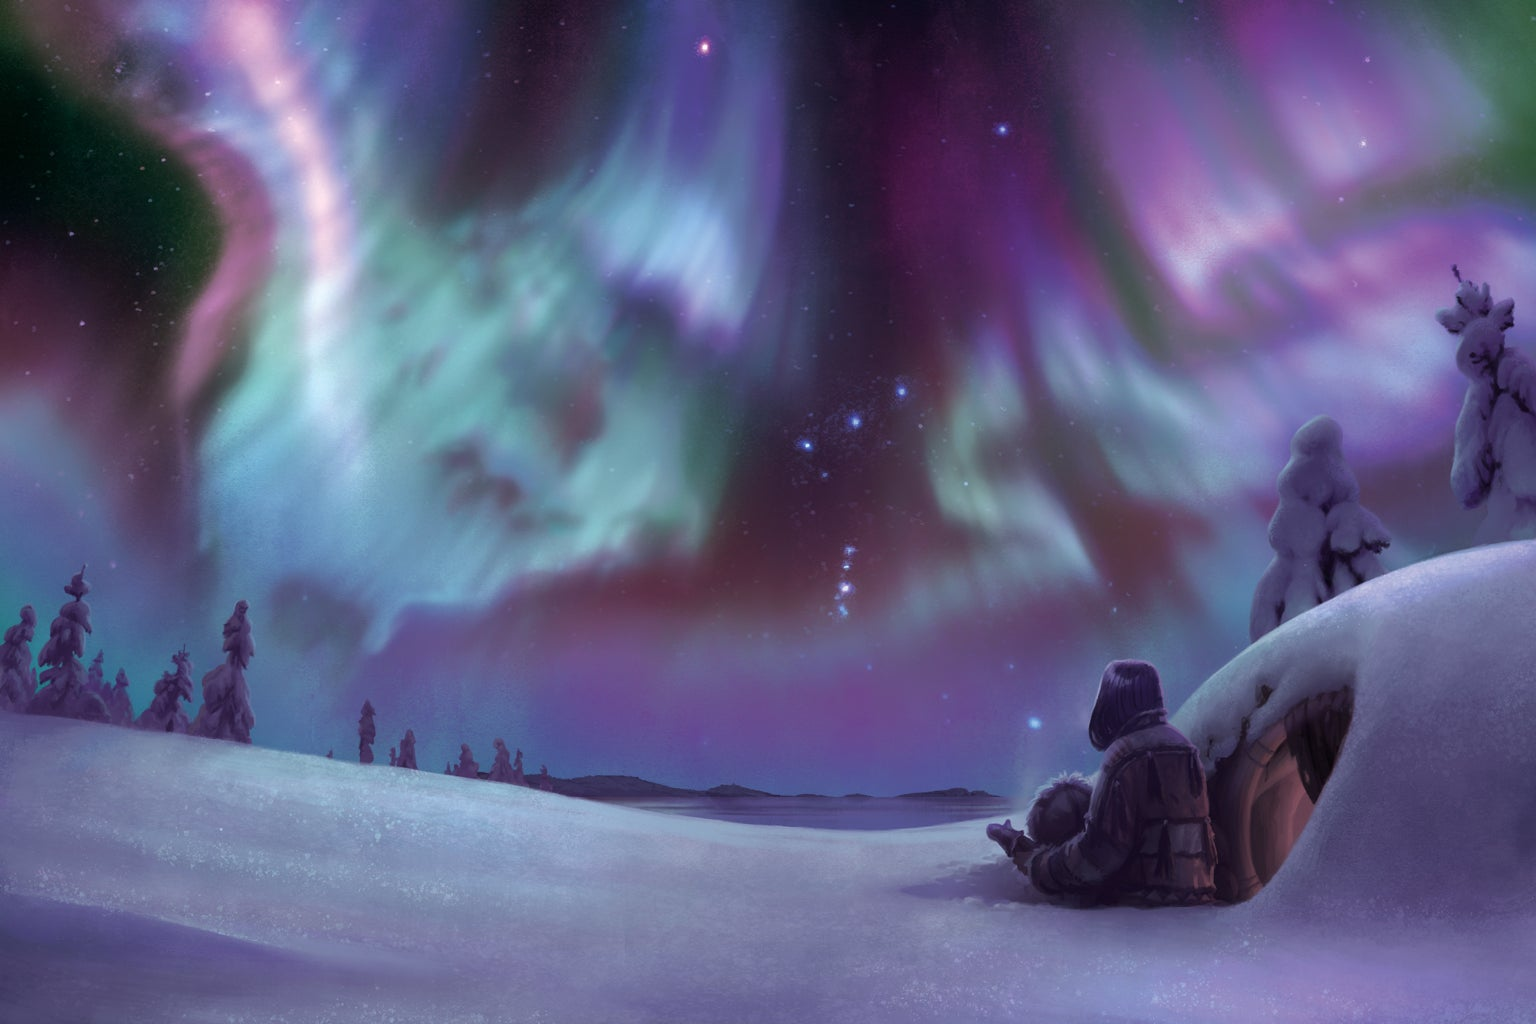 Native people looking at Aurora Borealis